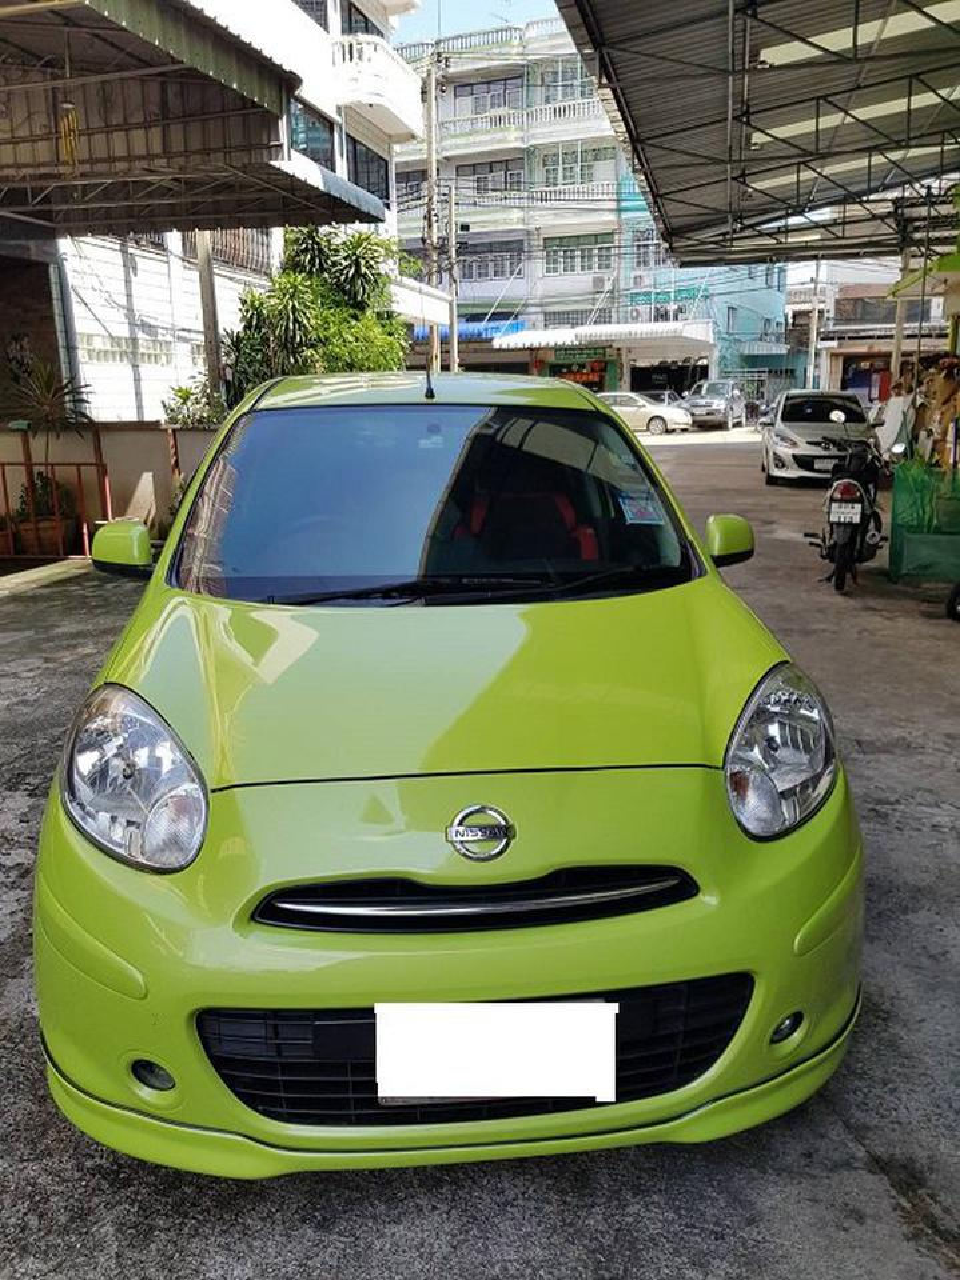 ขายรถเก๋ง Nissan March  2011 เขต ยานนาวา จังหวัด กทม. รูปที่ 1